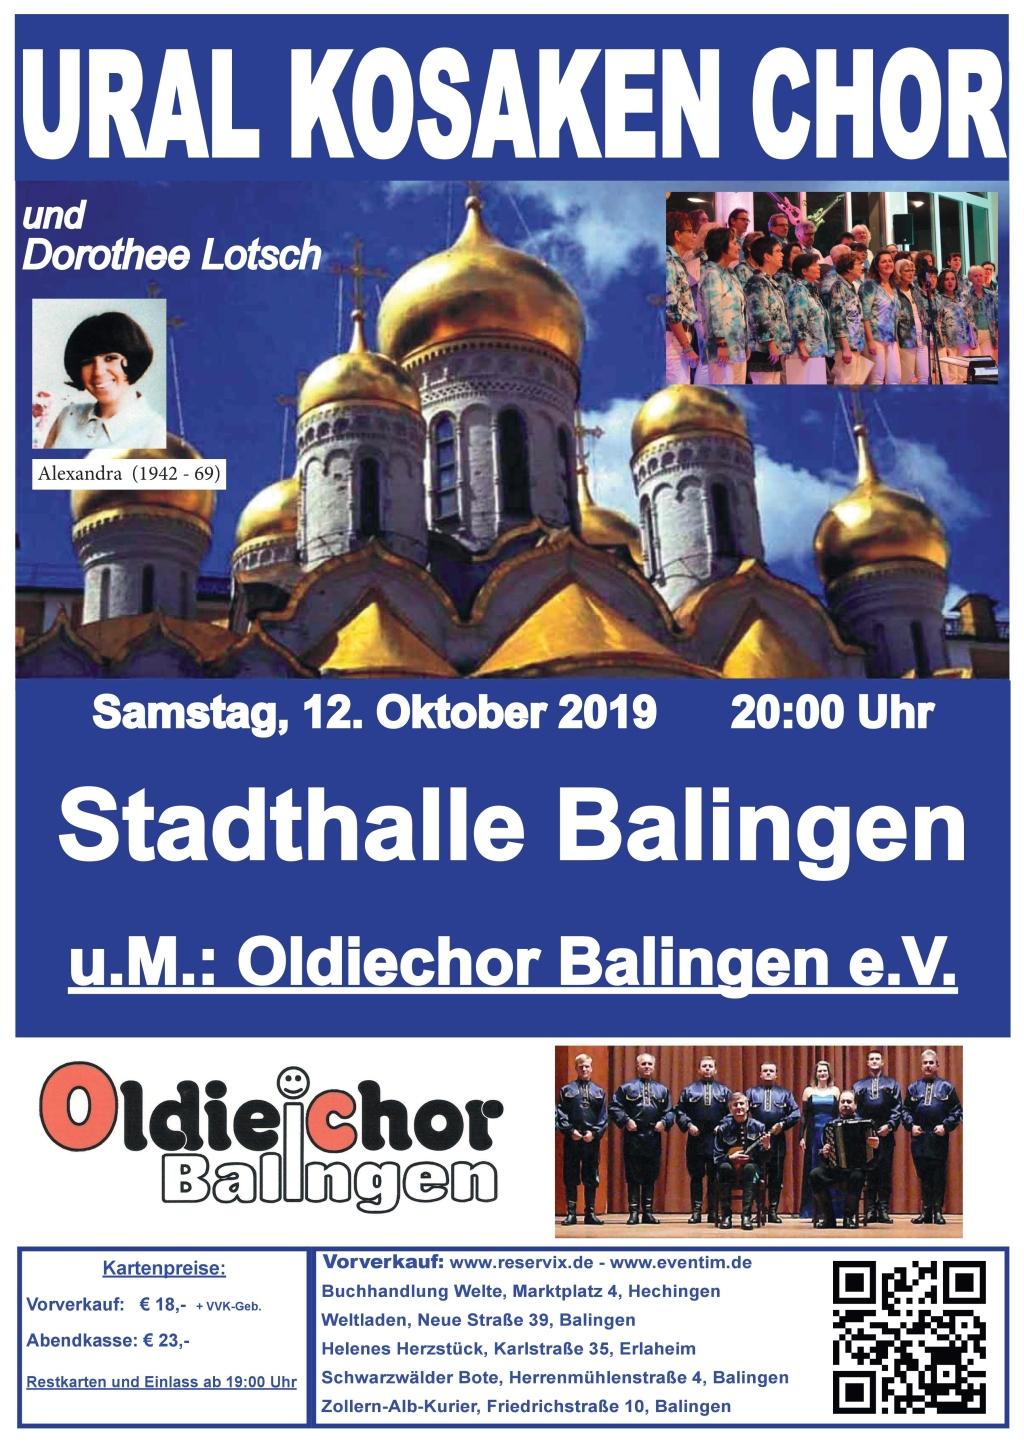 Ural Kosaken Chor & Dorothee Lotsch & Oldiechor Balingen